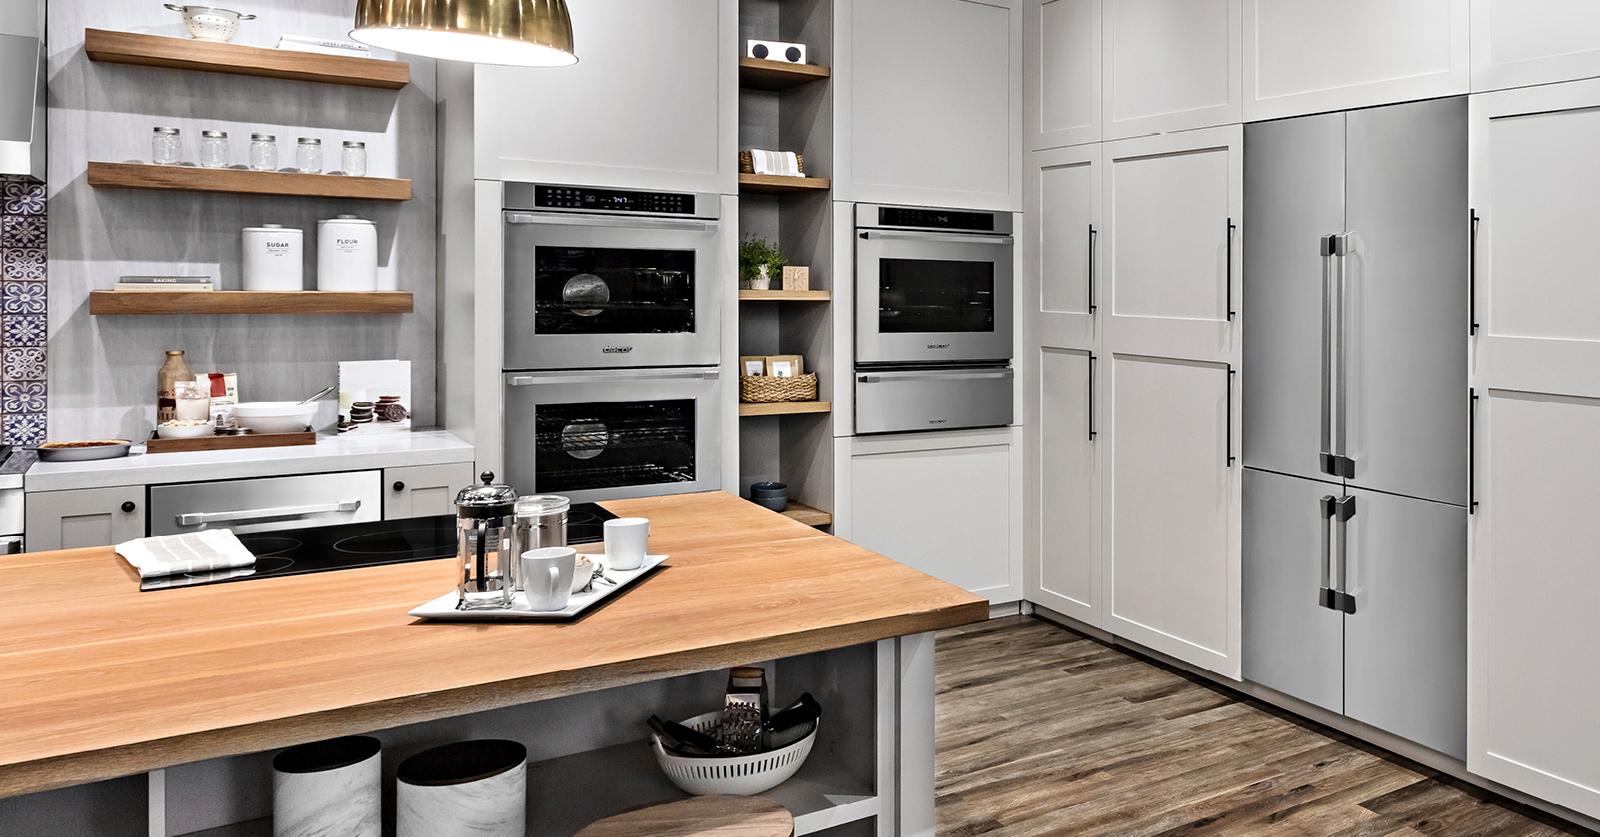 Complete Luxury Kitchen Appliances Remodel Under 10 000 Appliances Connection